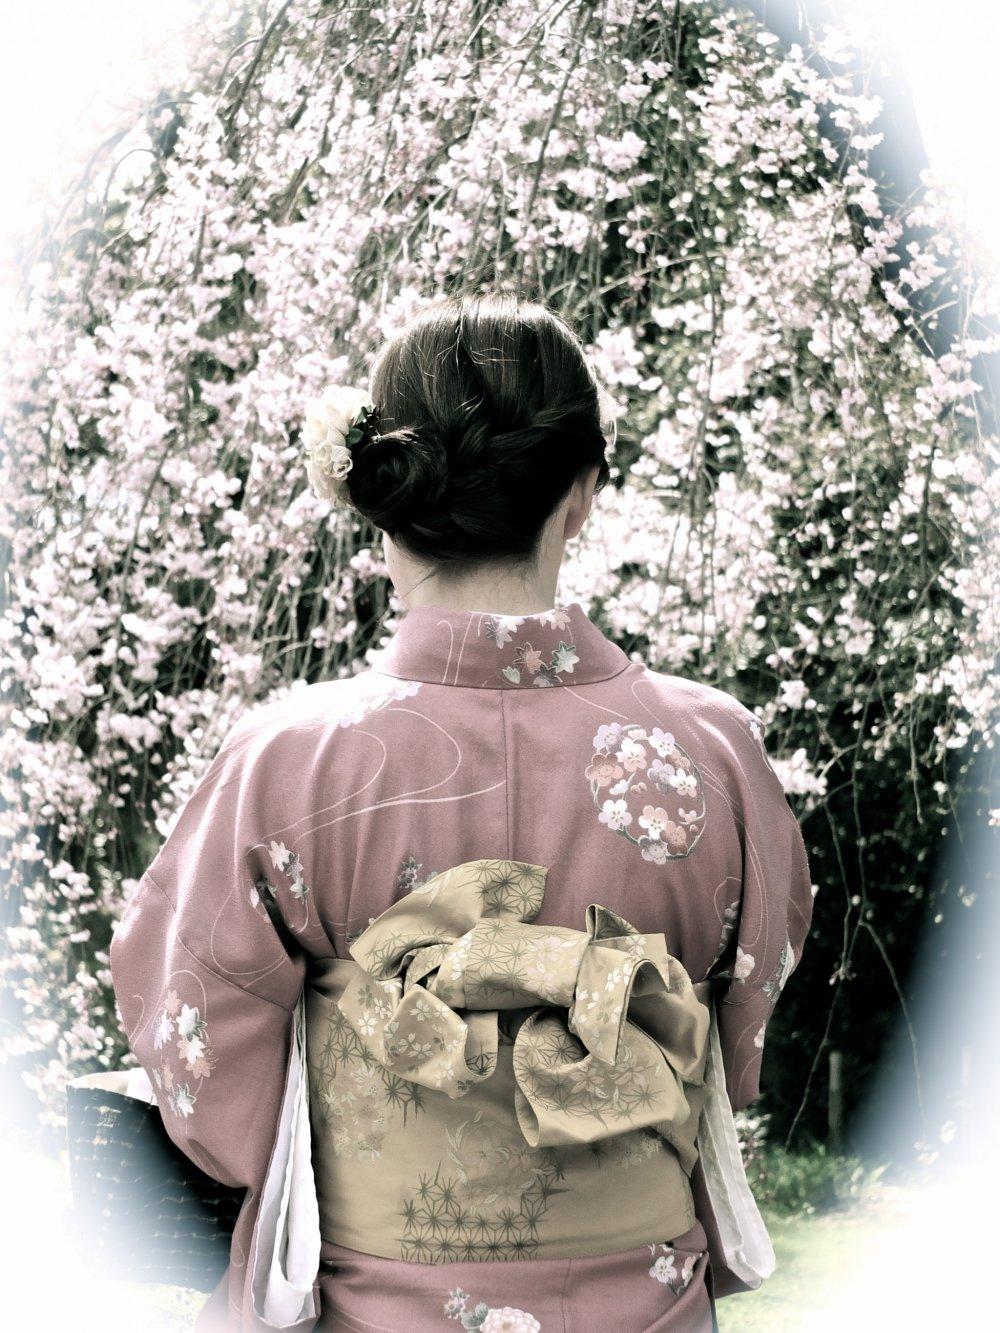 กิโมโนและดอกซากุระ ที่ปราสาทนิโจะ เกียวโต